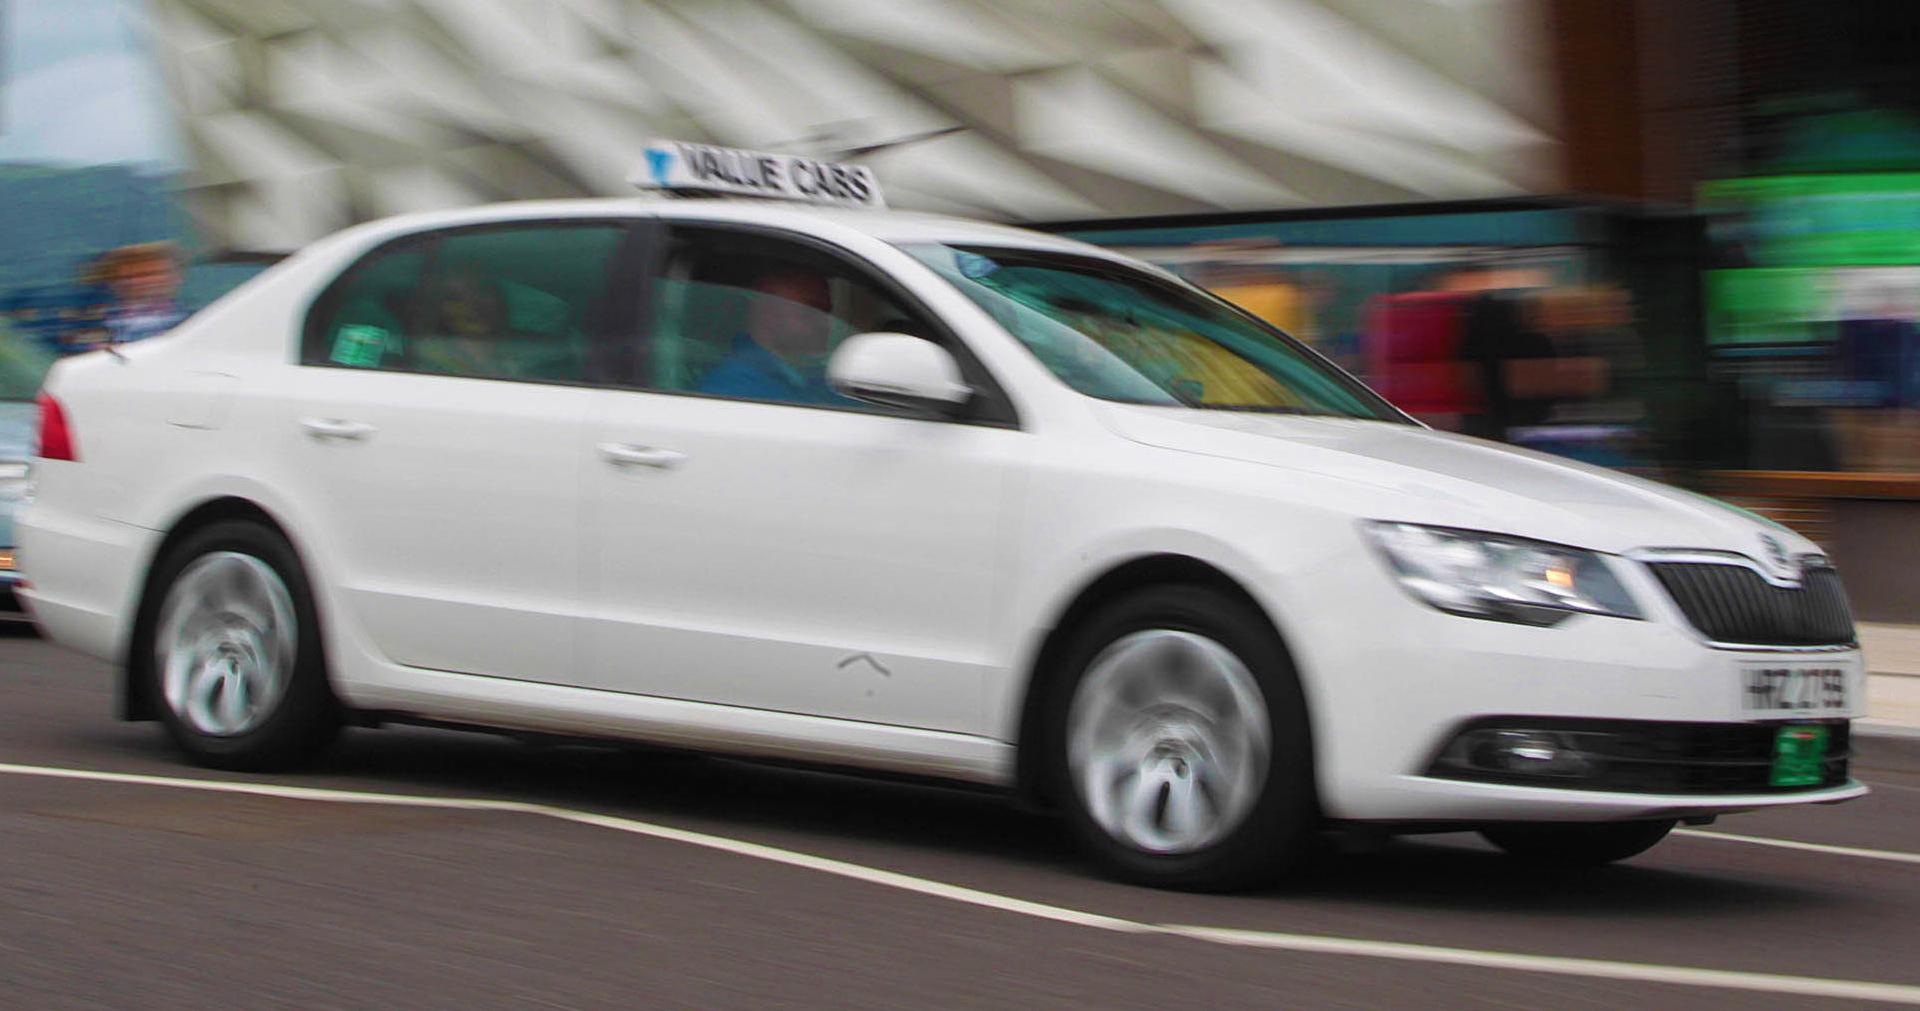 Value Cab White Skoda